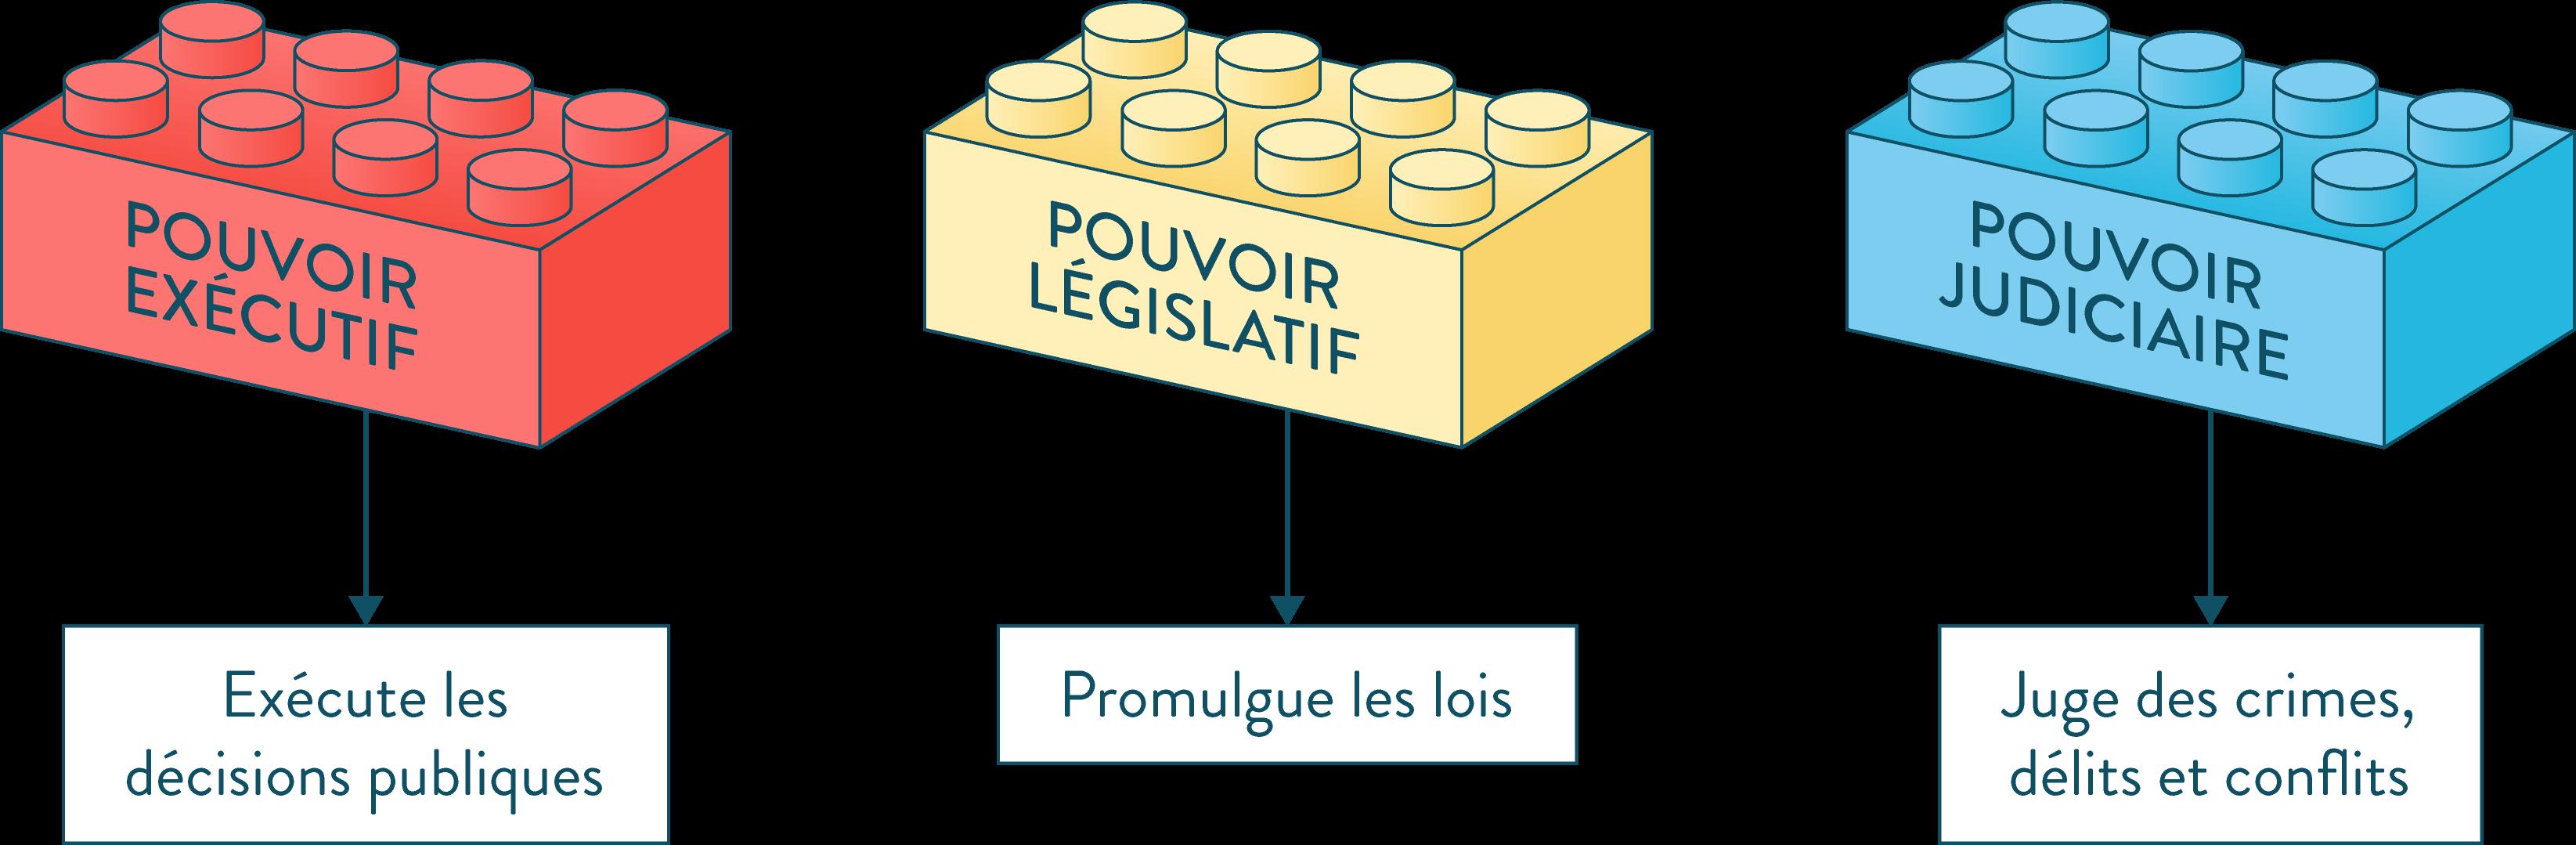 La séparation des pouvoirs pouvoir exécutif pouvoir législatif pouvoir judiciaire ses première